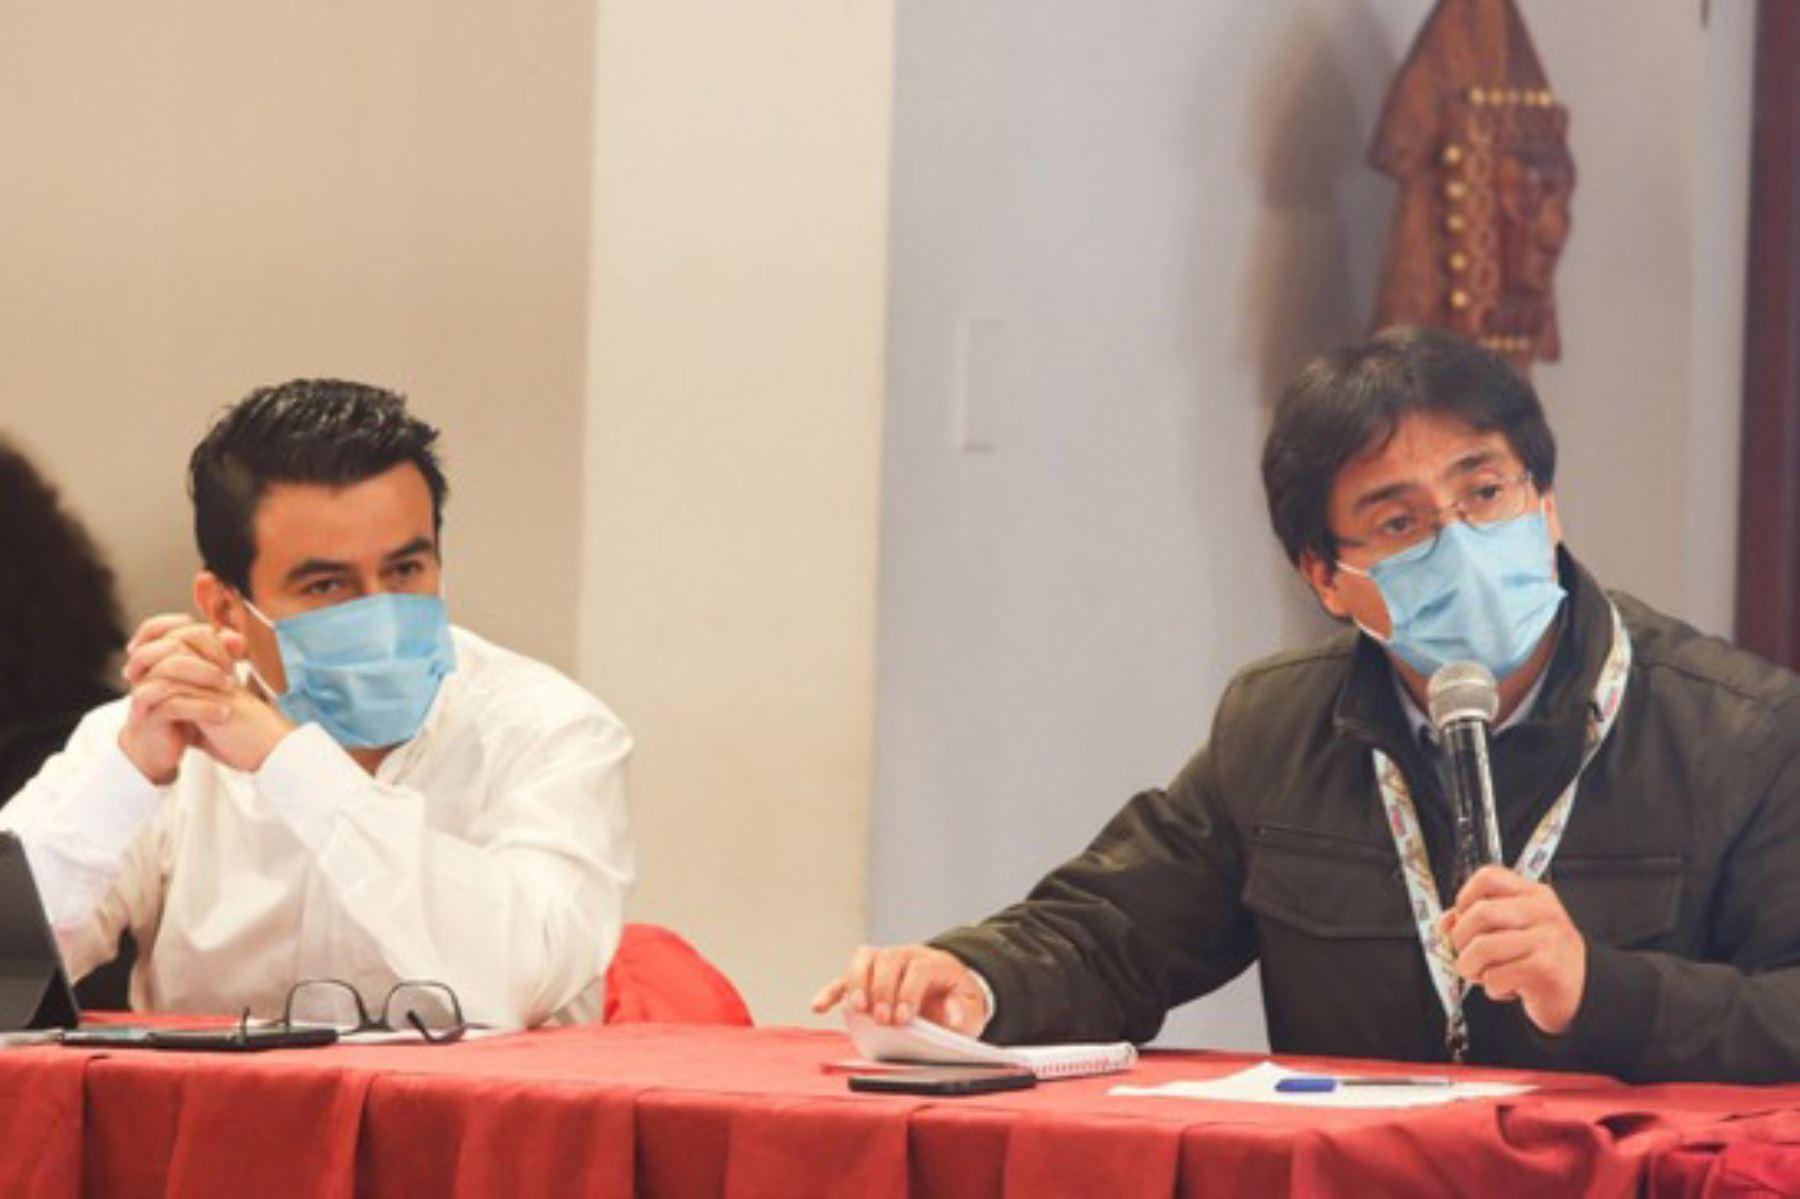 El gobernador regional del Cusco, Jean Paul Benavente García, lamentó la actitud de las concesionarias y convocó a que en una próxima reunión se logren consensos. Foto: ANDINA/Difusión